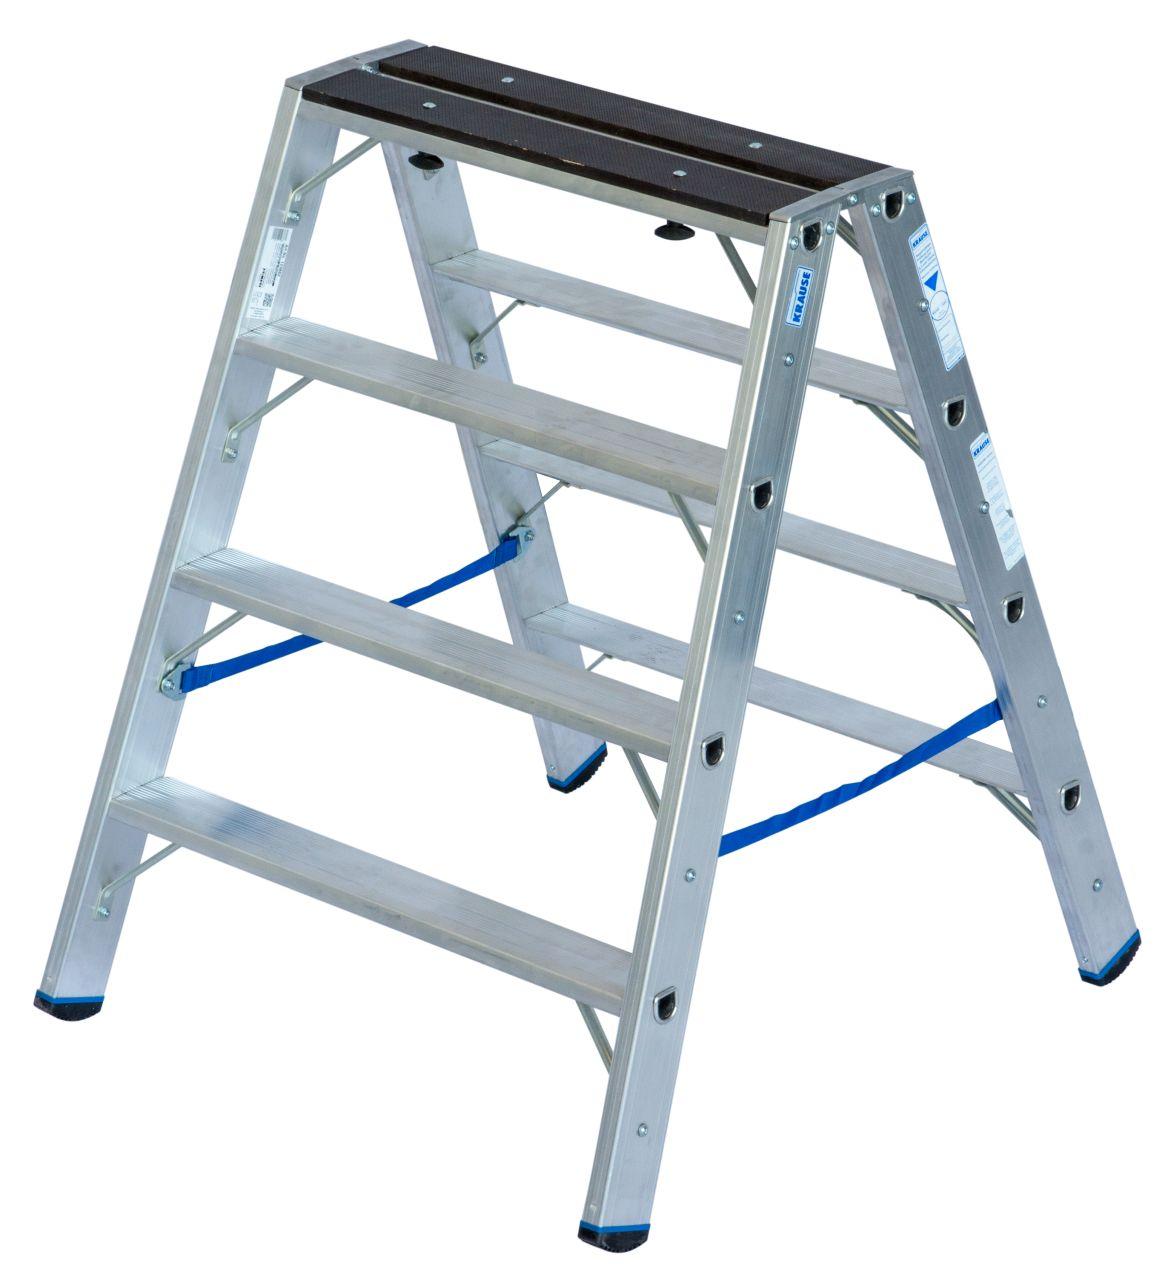 Stufen-Doppelleiter mit Holzauflage Professionelle Aluminium-Stehleiter mit praktischer Doppelfunktion. Verwendbar als Doppelleiter oder Arbeitsbock